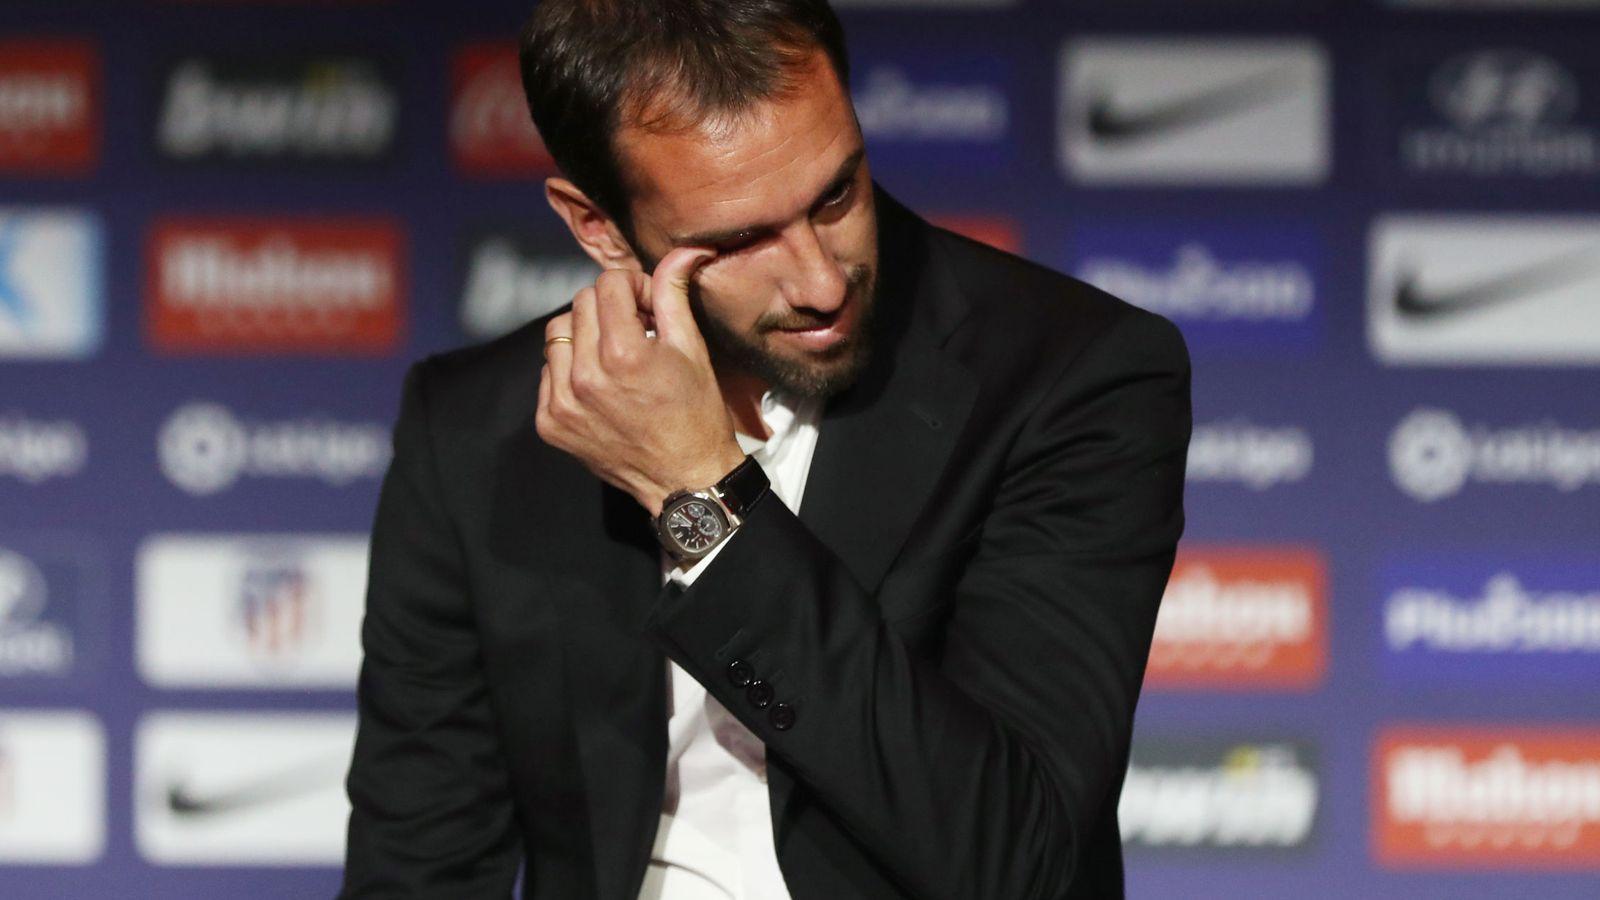 Foto: Diego Godín rompe a llorar en su despedida como jugador del Atlético de Madrid. (Efe)